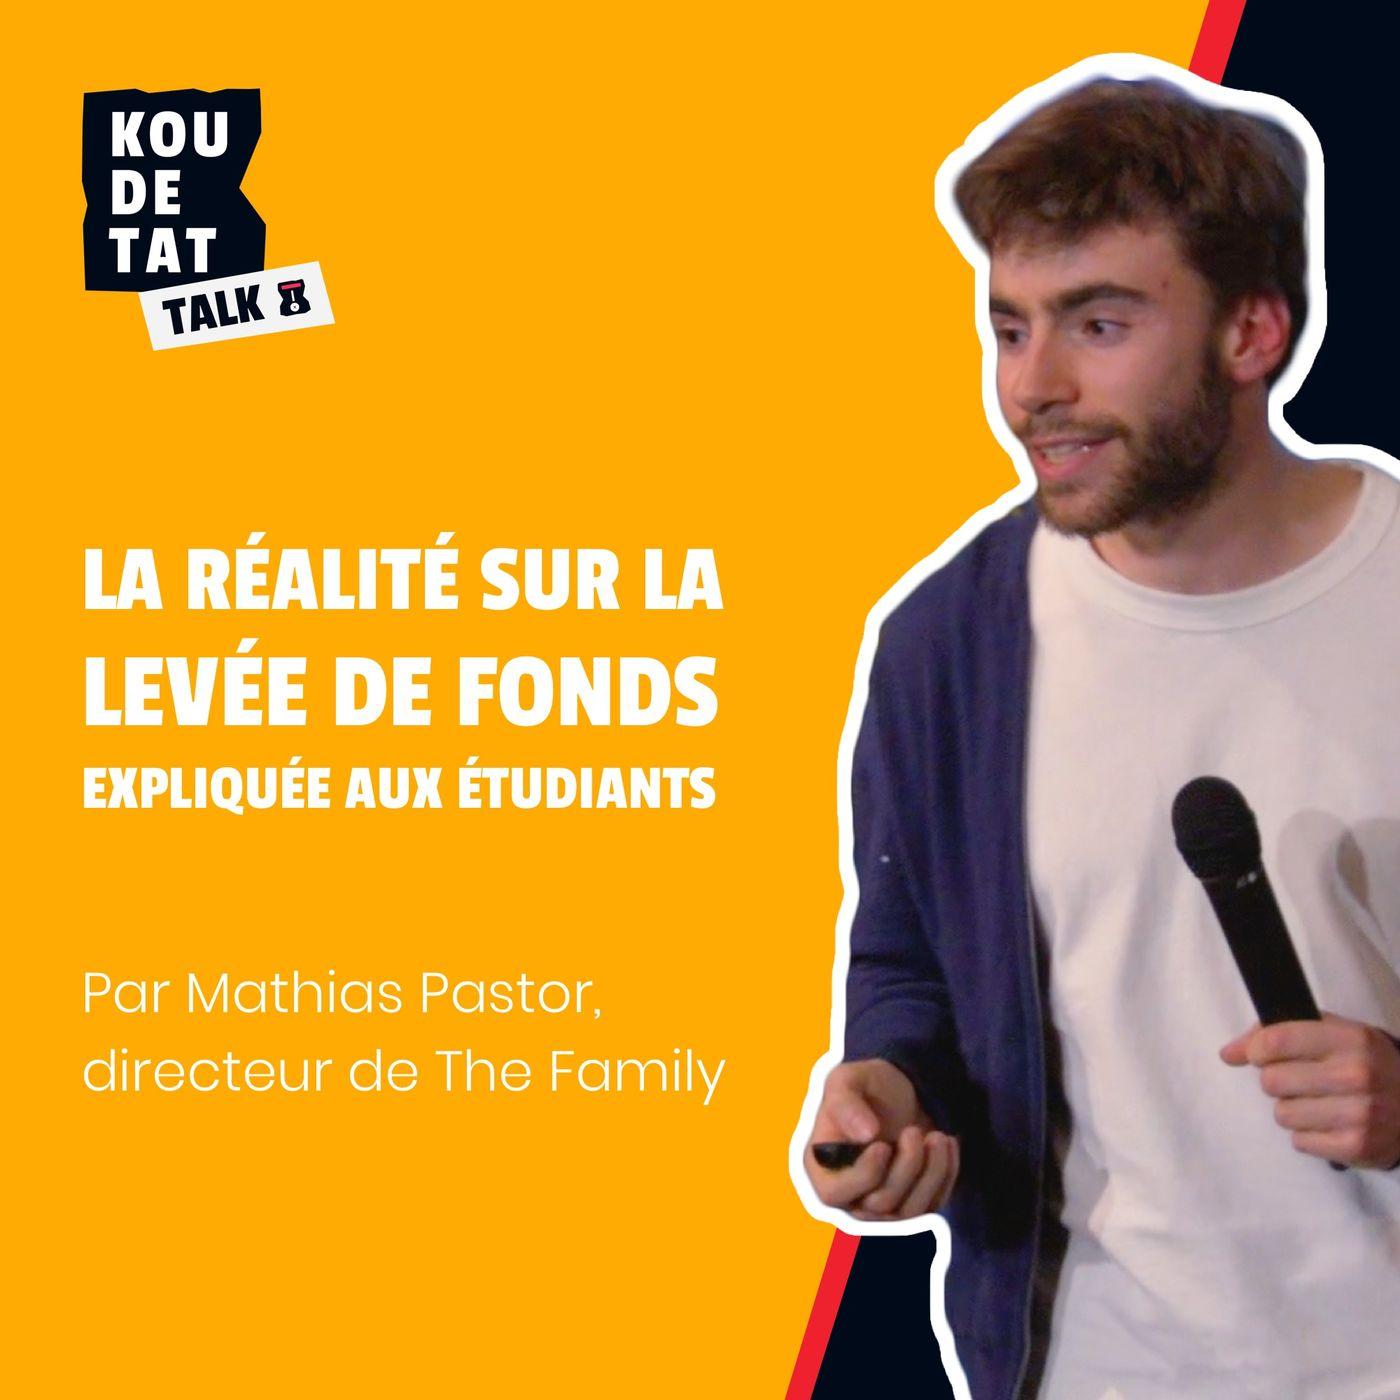 La réalité sur la levée de fonds expliquée aux étudiants, par Mathias Pastor, directeur à The Family